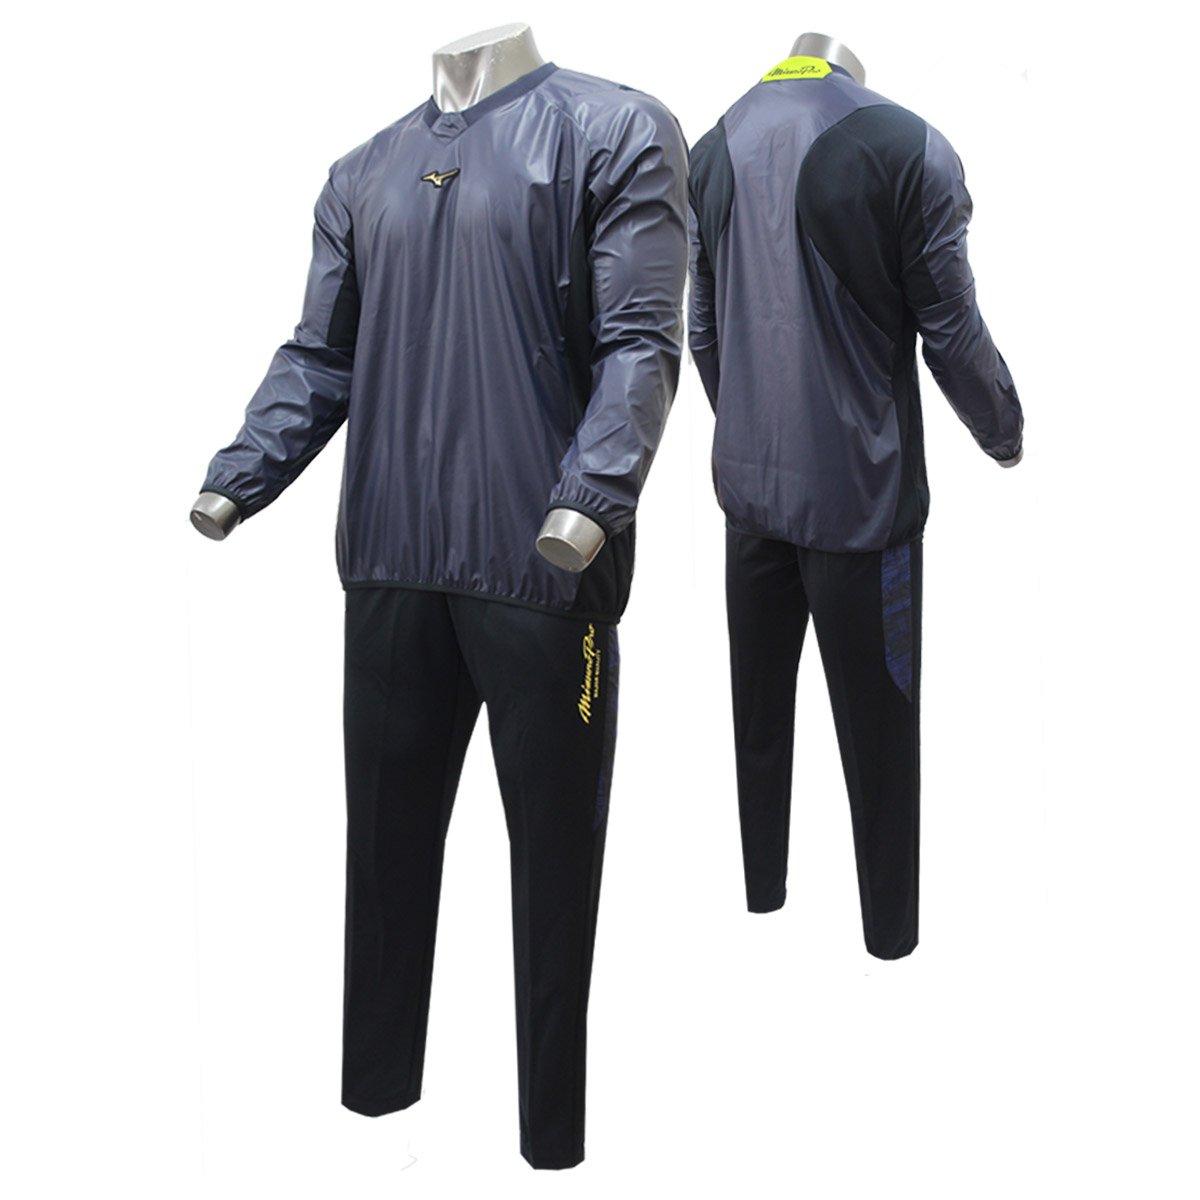 ミズノ 限定 ミズノプロ トレーニングジャケット V首 長袖 パンツ 上下セット セットアップ 12JE7J84-12JF7W82 ロイヤルプロダクト B075TTY7HF Large|14ネイビー×14ネイビー 14ネイビー×14ネイビー Large